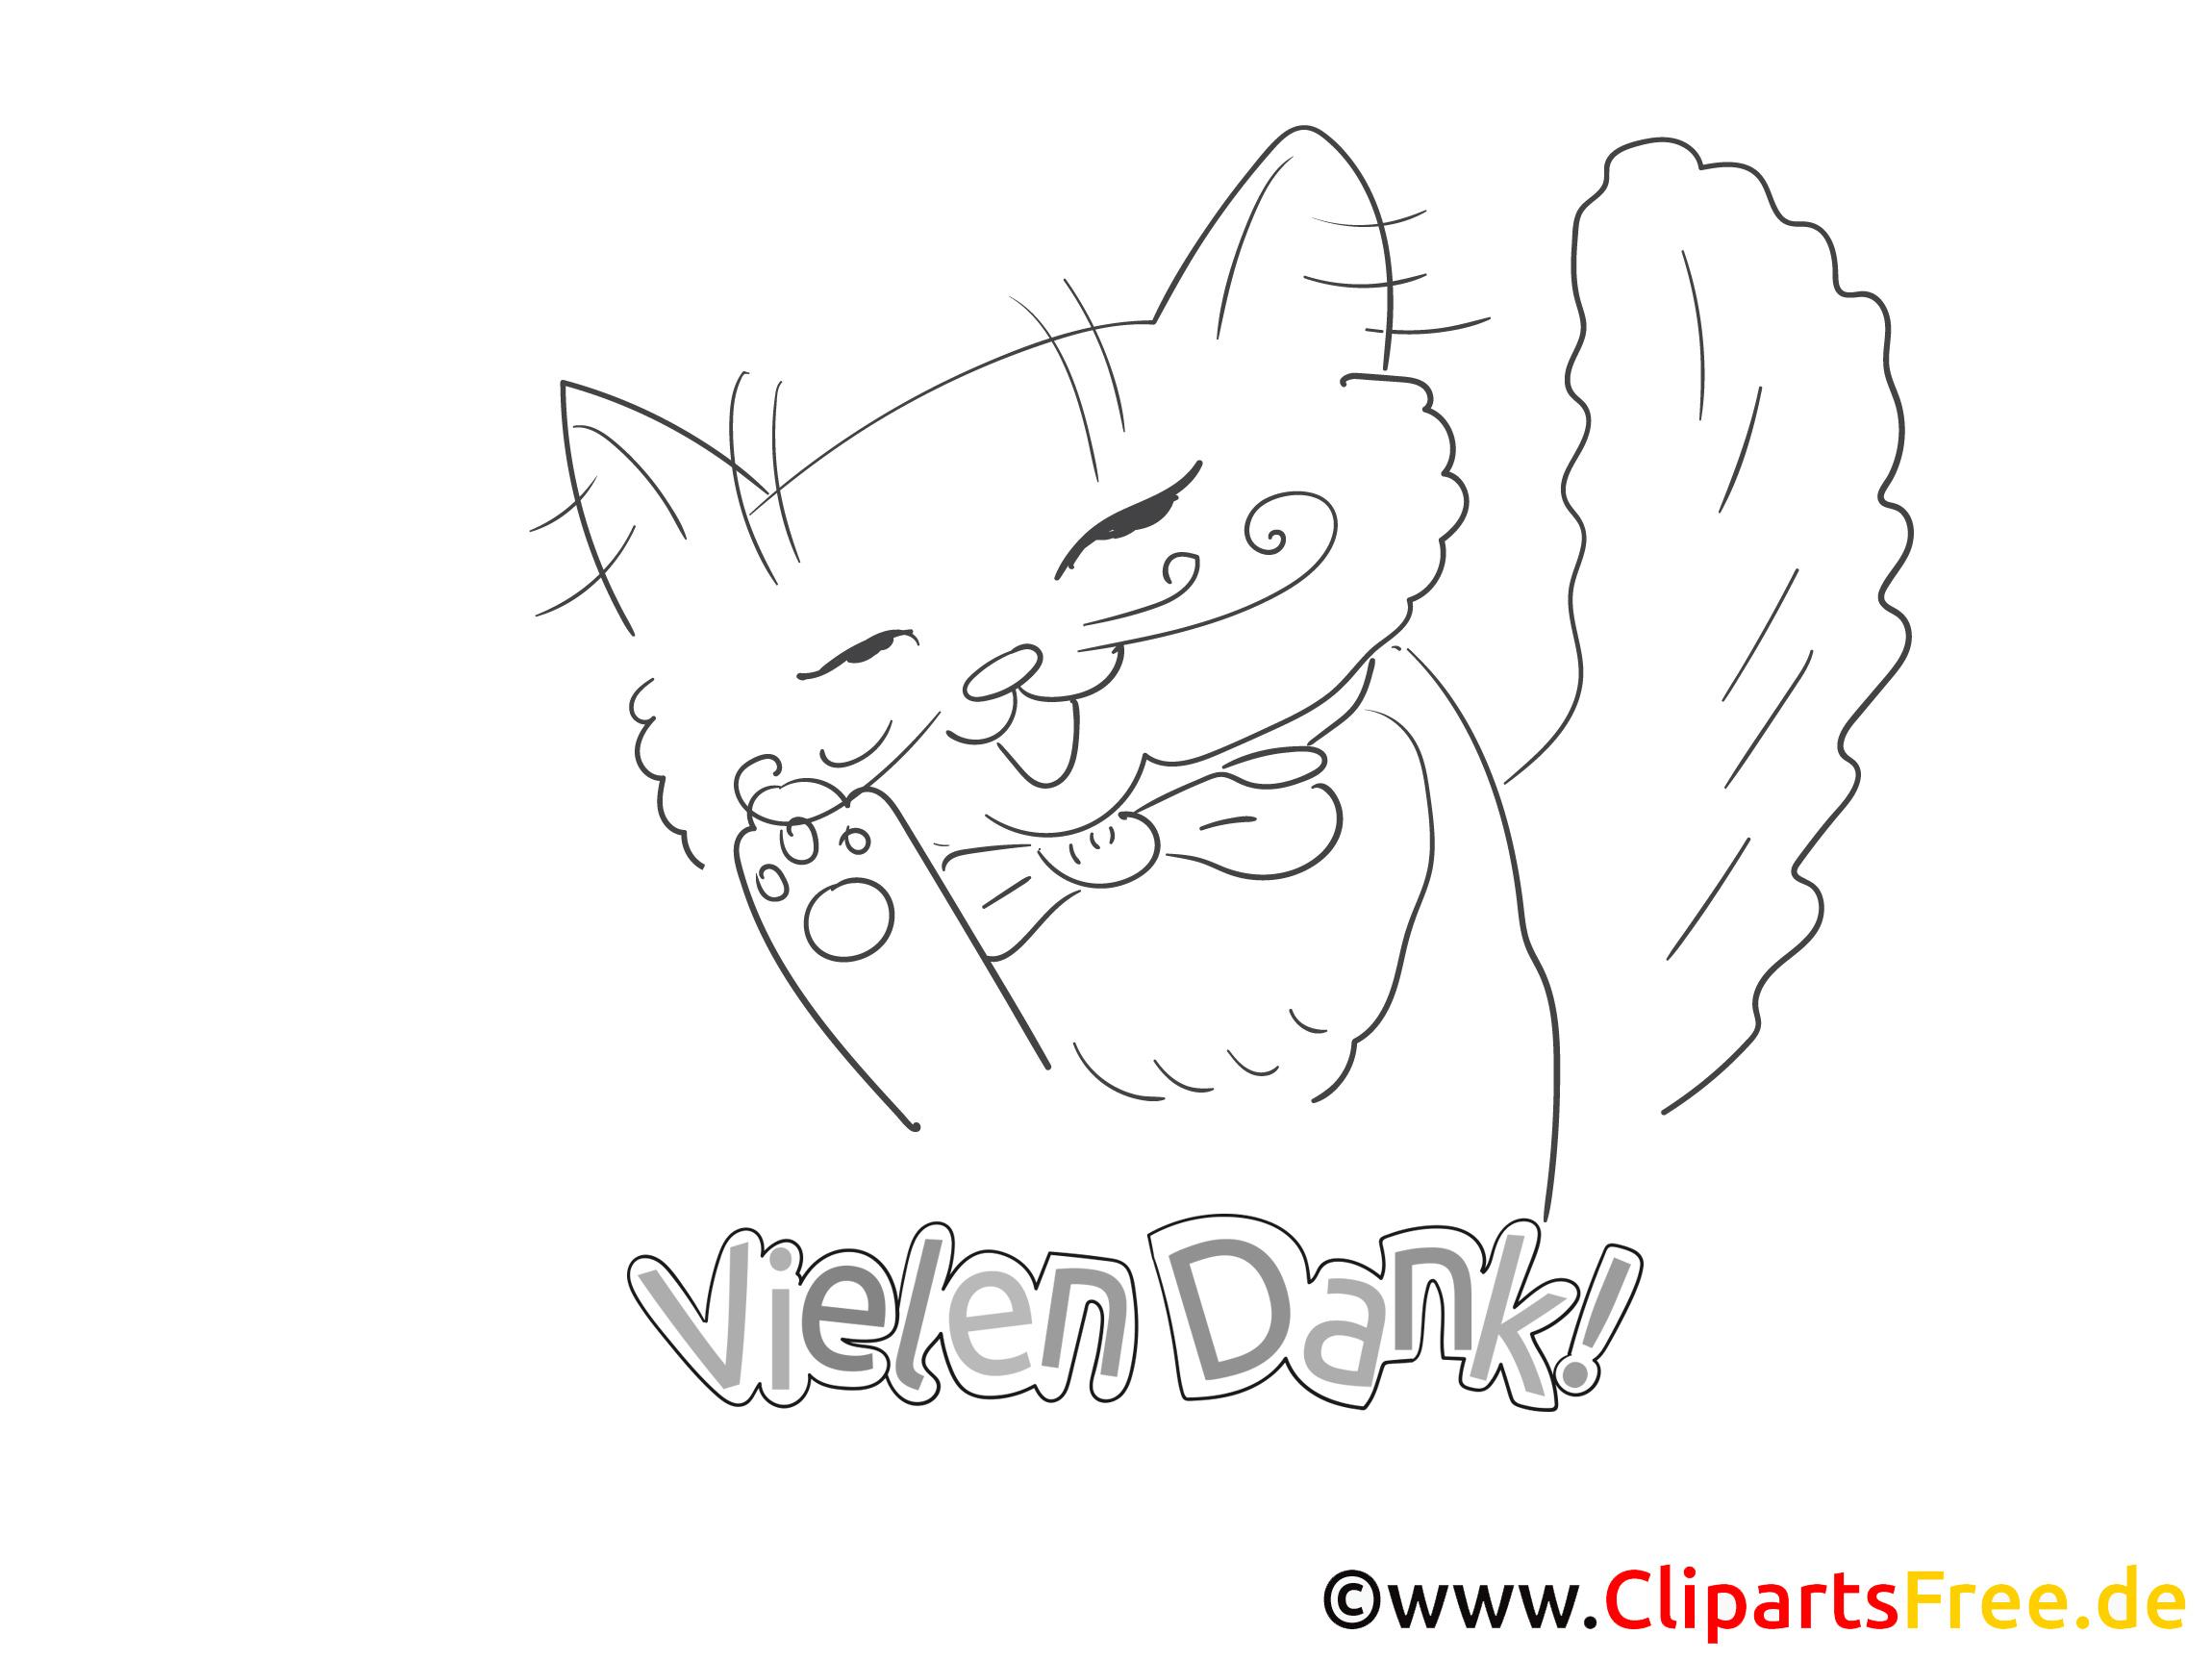 Katzen Ausmalbilder Warrior Cats : Wunderbar Krieger Katze Malvorlagen Ideen Framing Malvorlagen